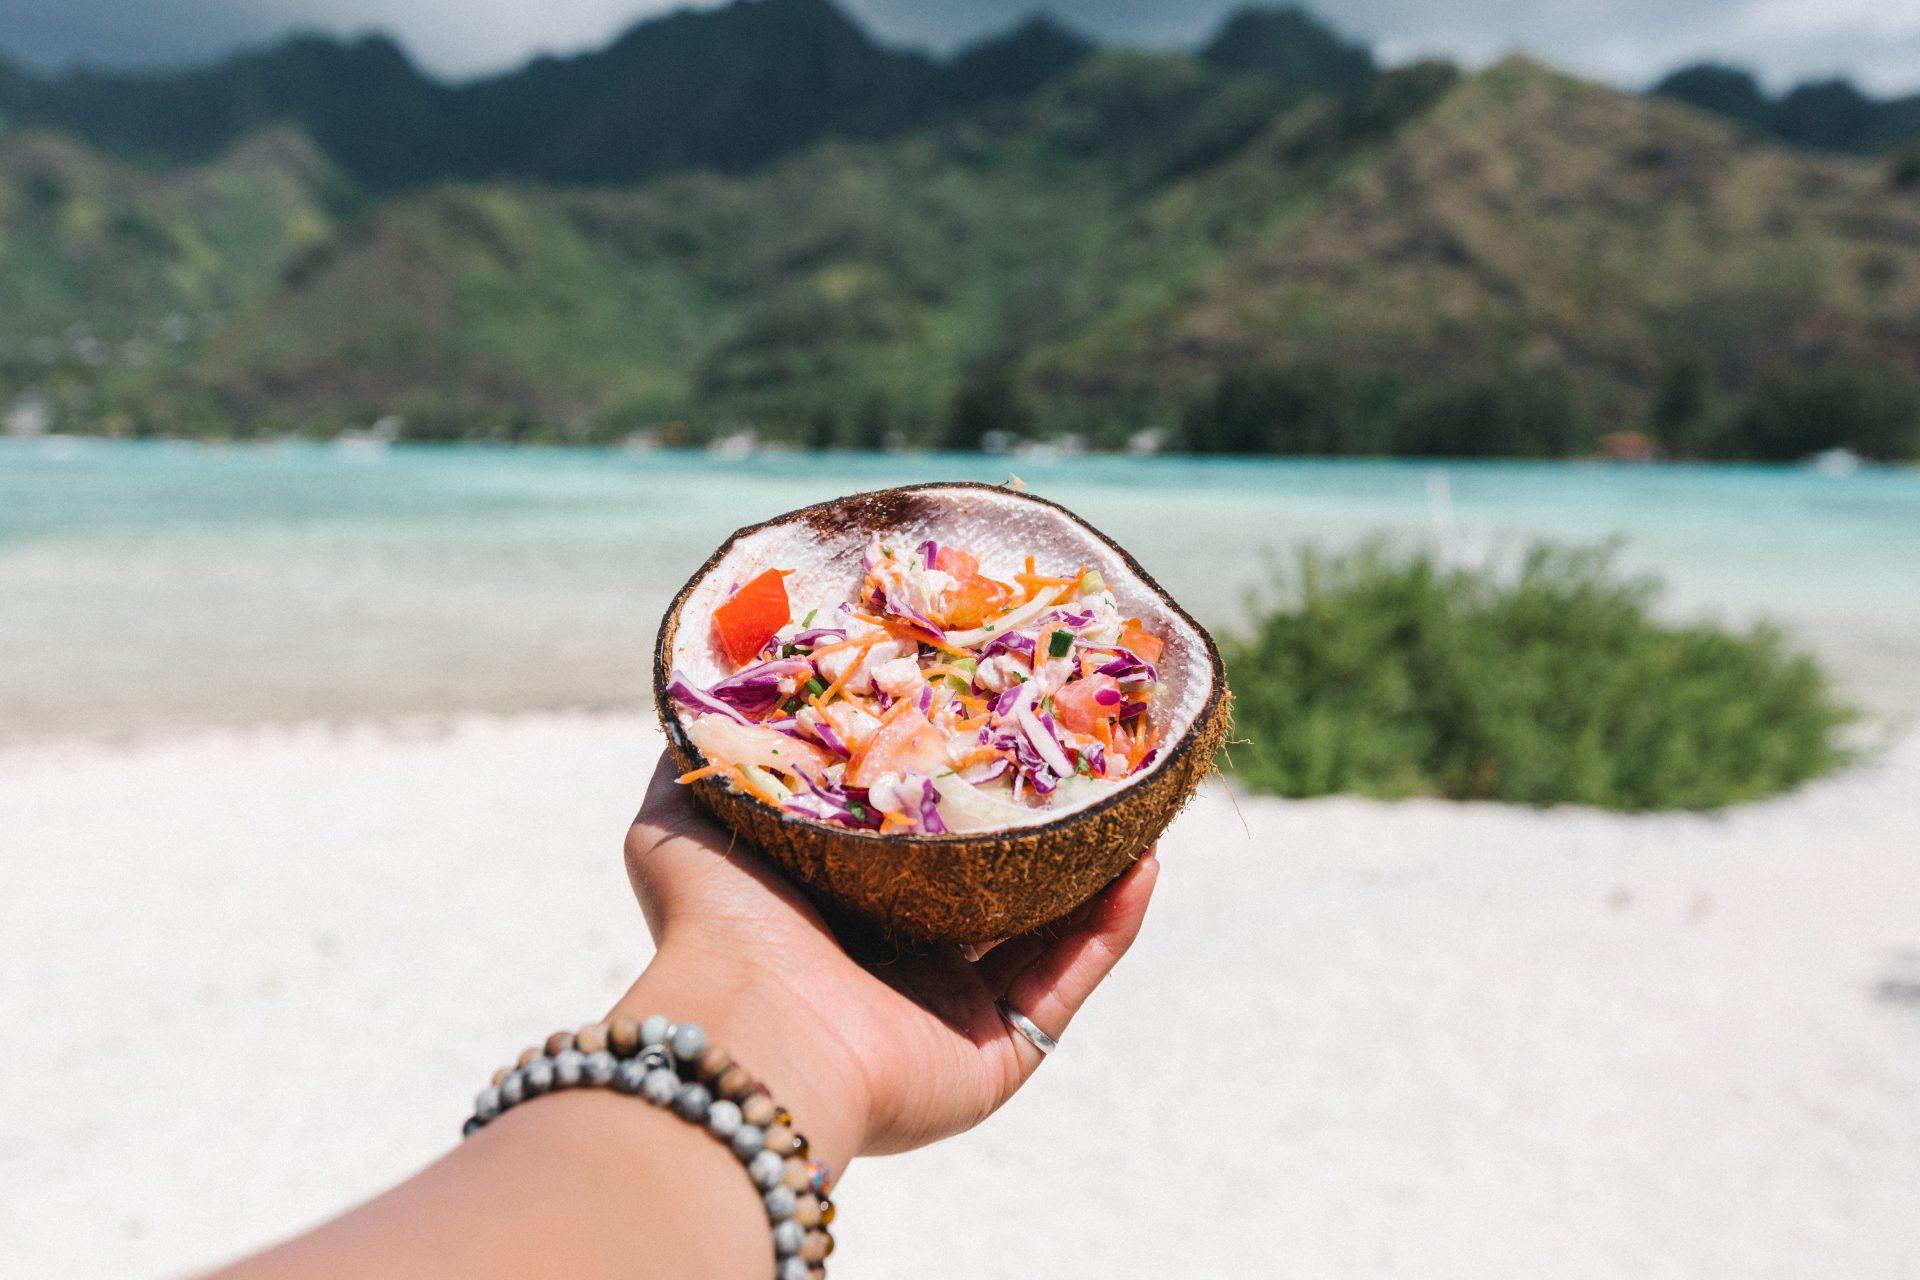 tahiti-islands-coconut-food-travel